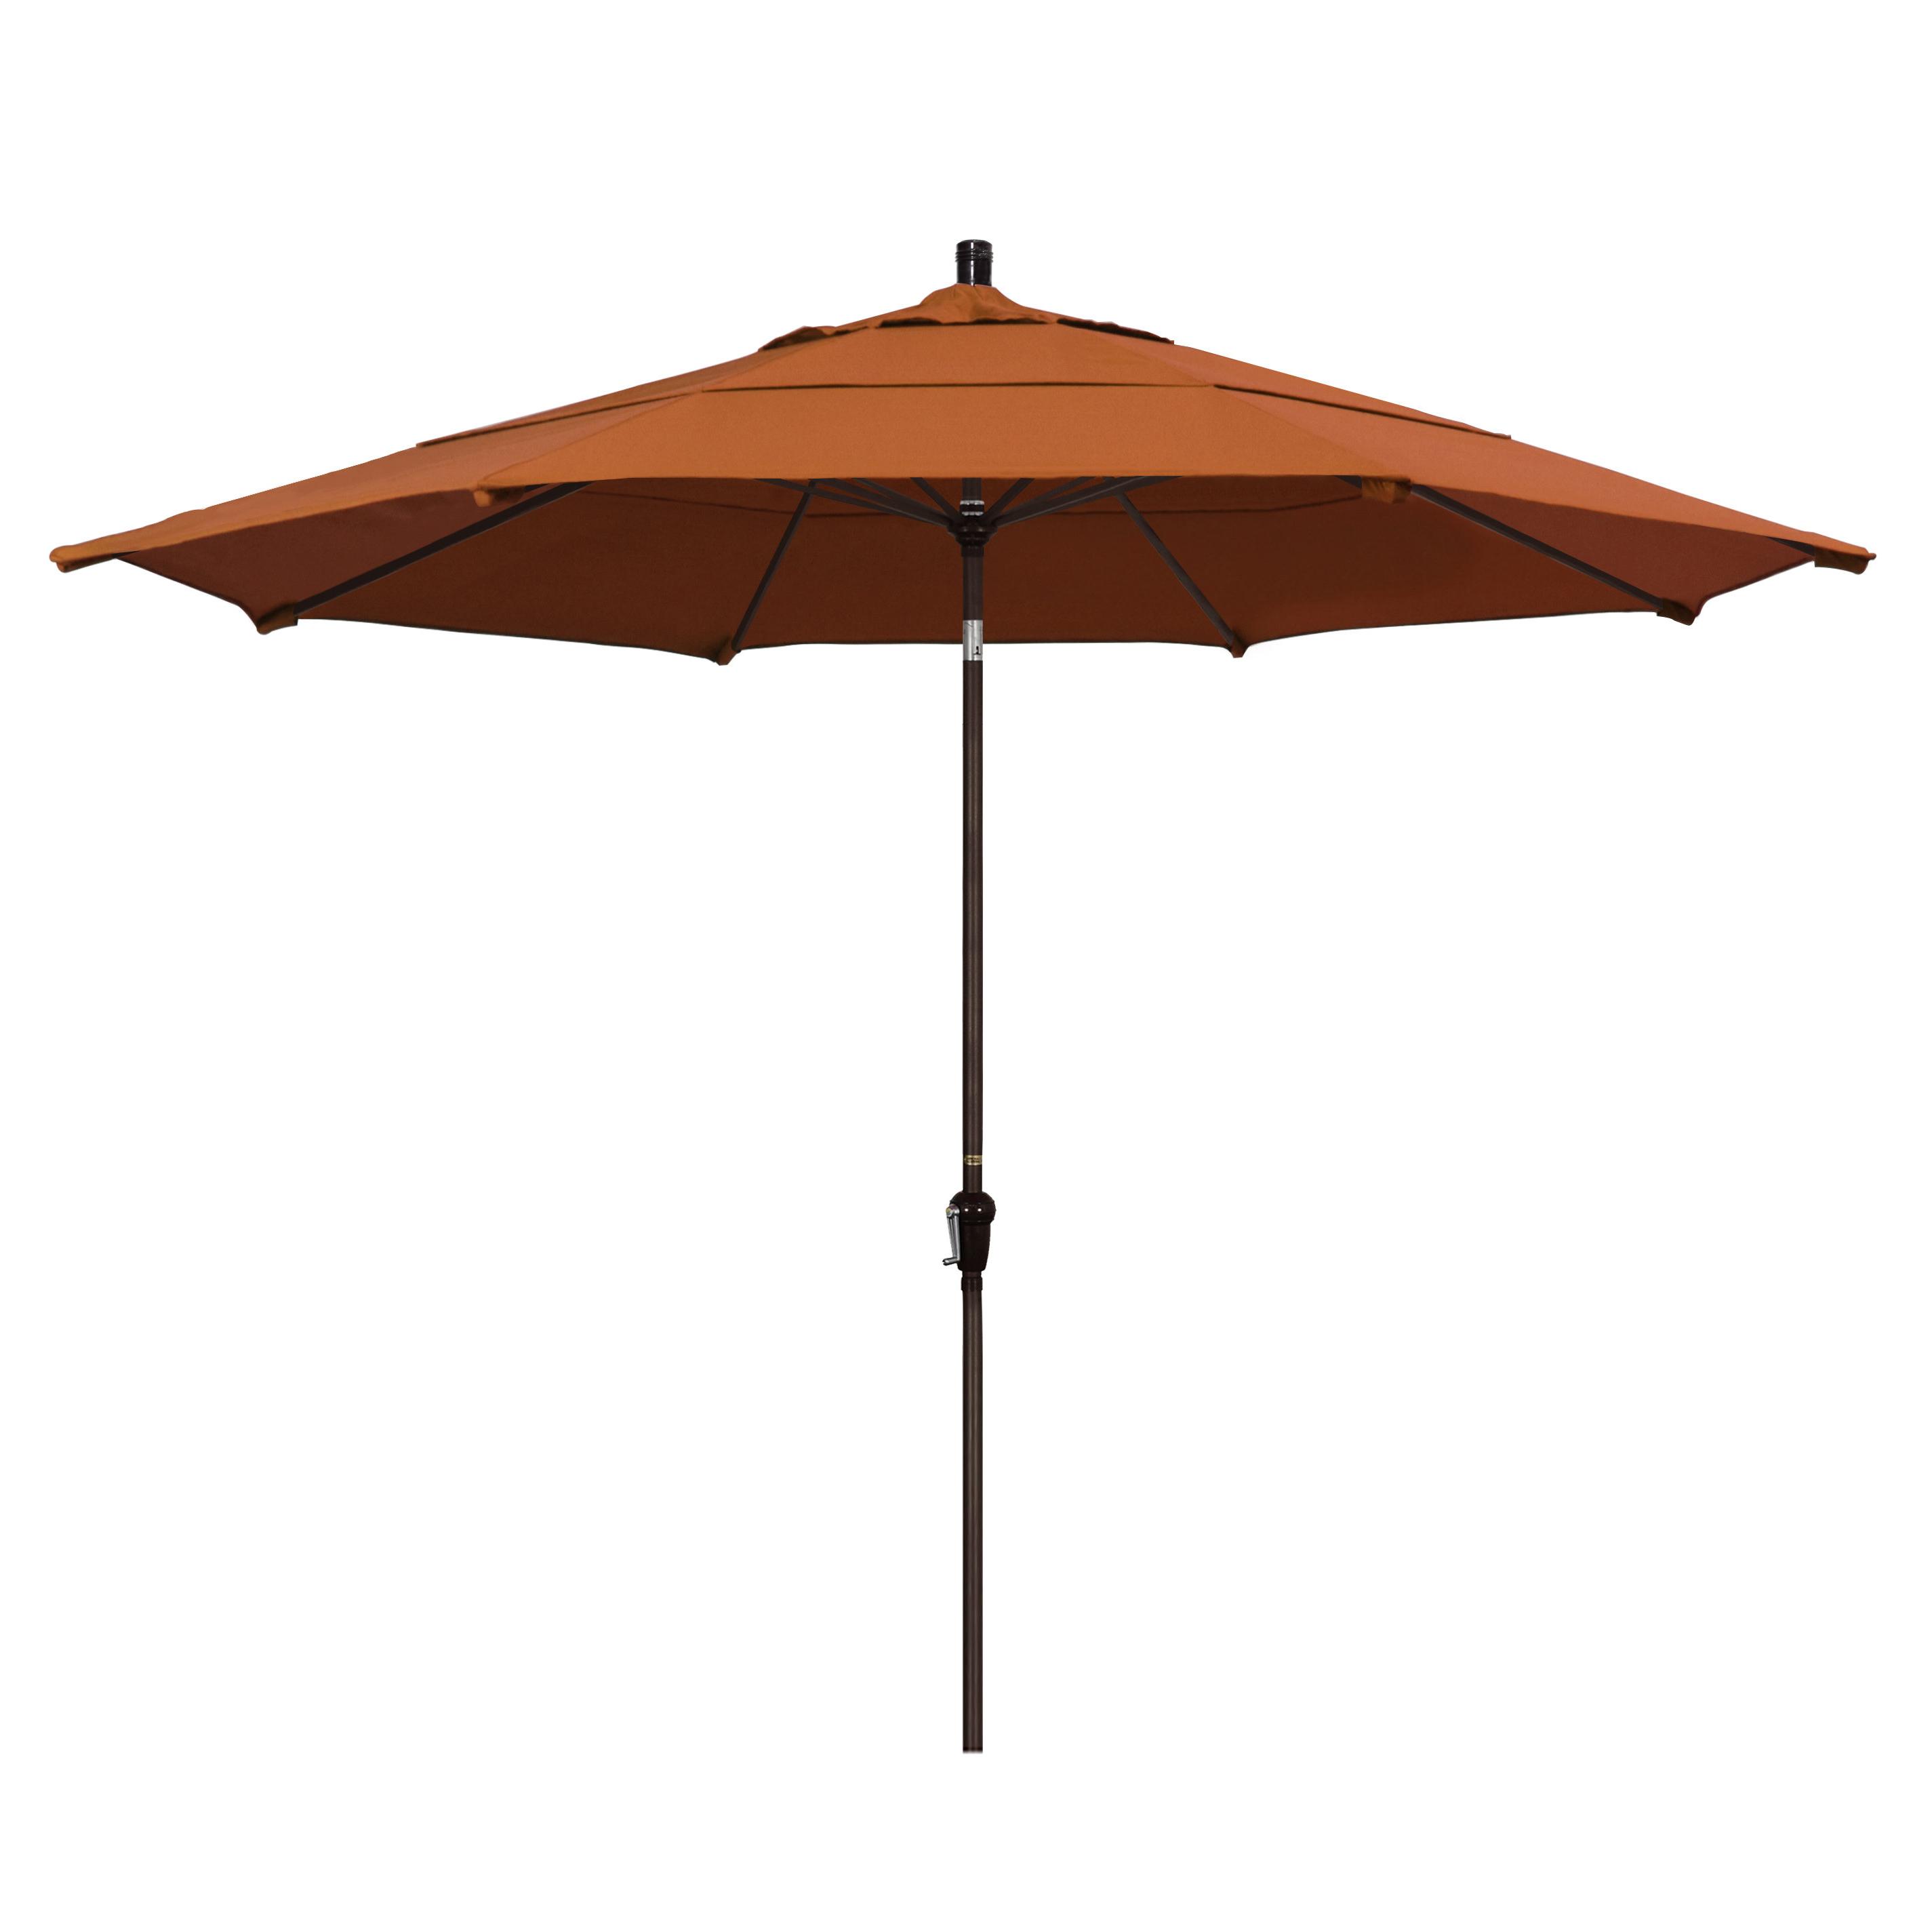 Mullaney Market Sunbrella Umbrellas With Newest Mullaney 11' Market Sunbrella Umbrella (View 5 of 20)